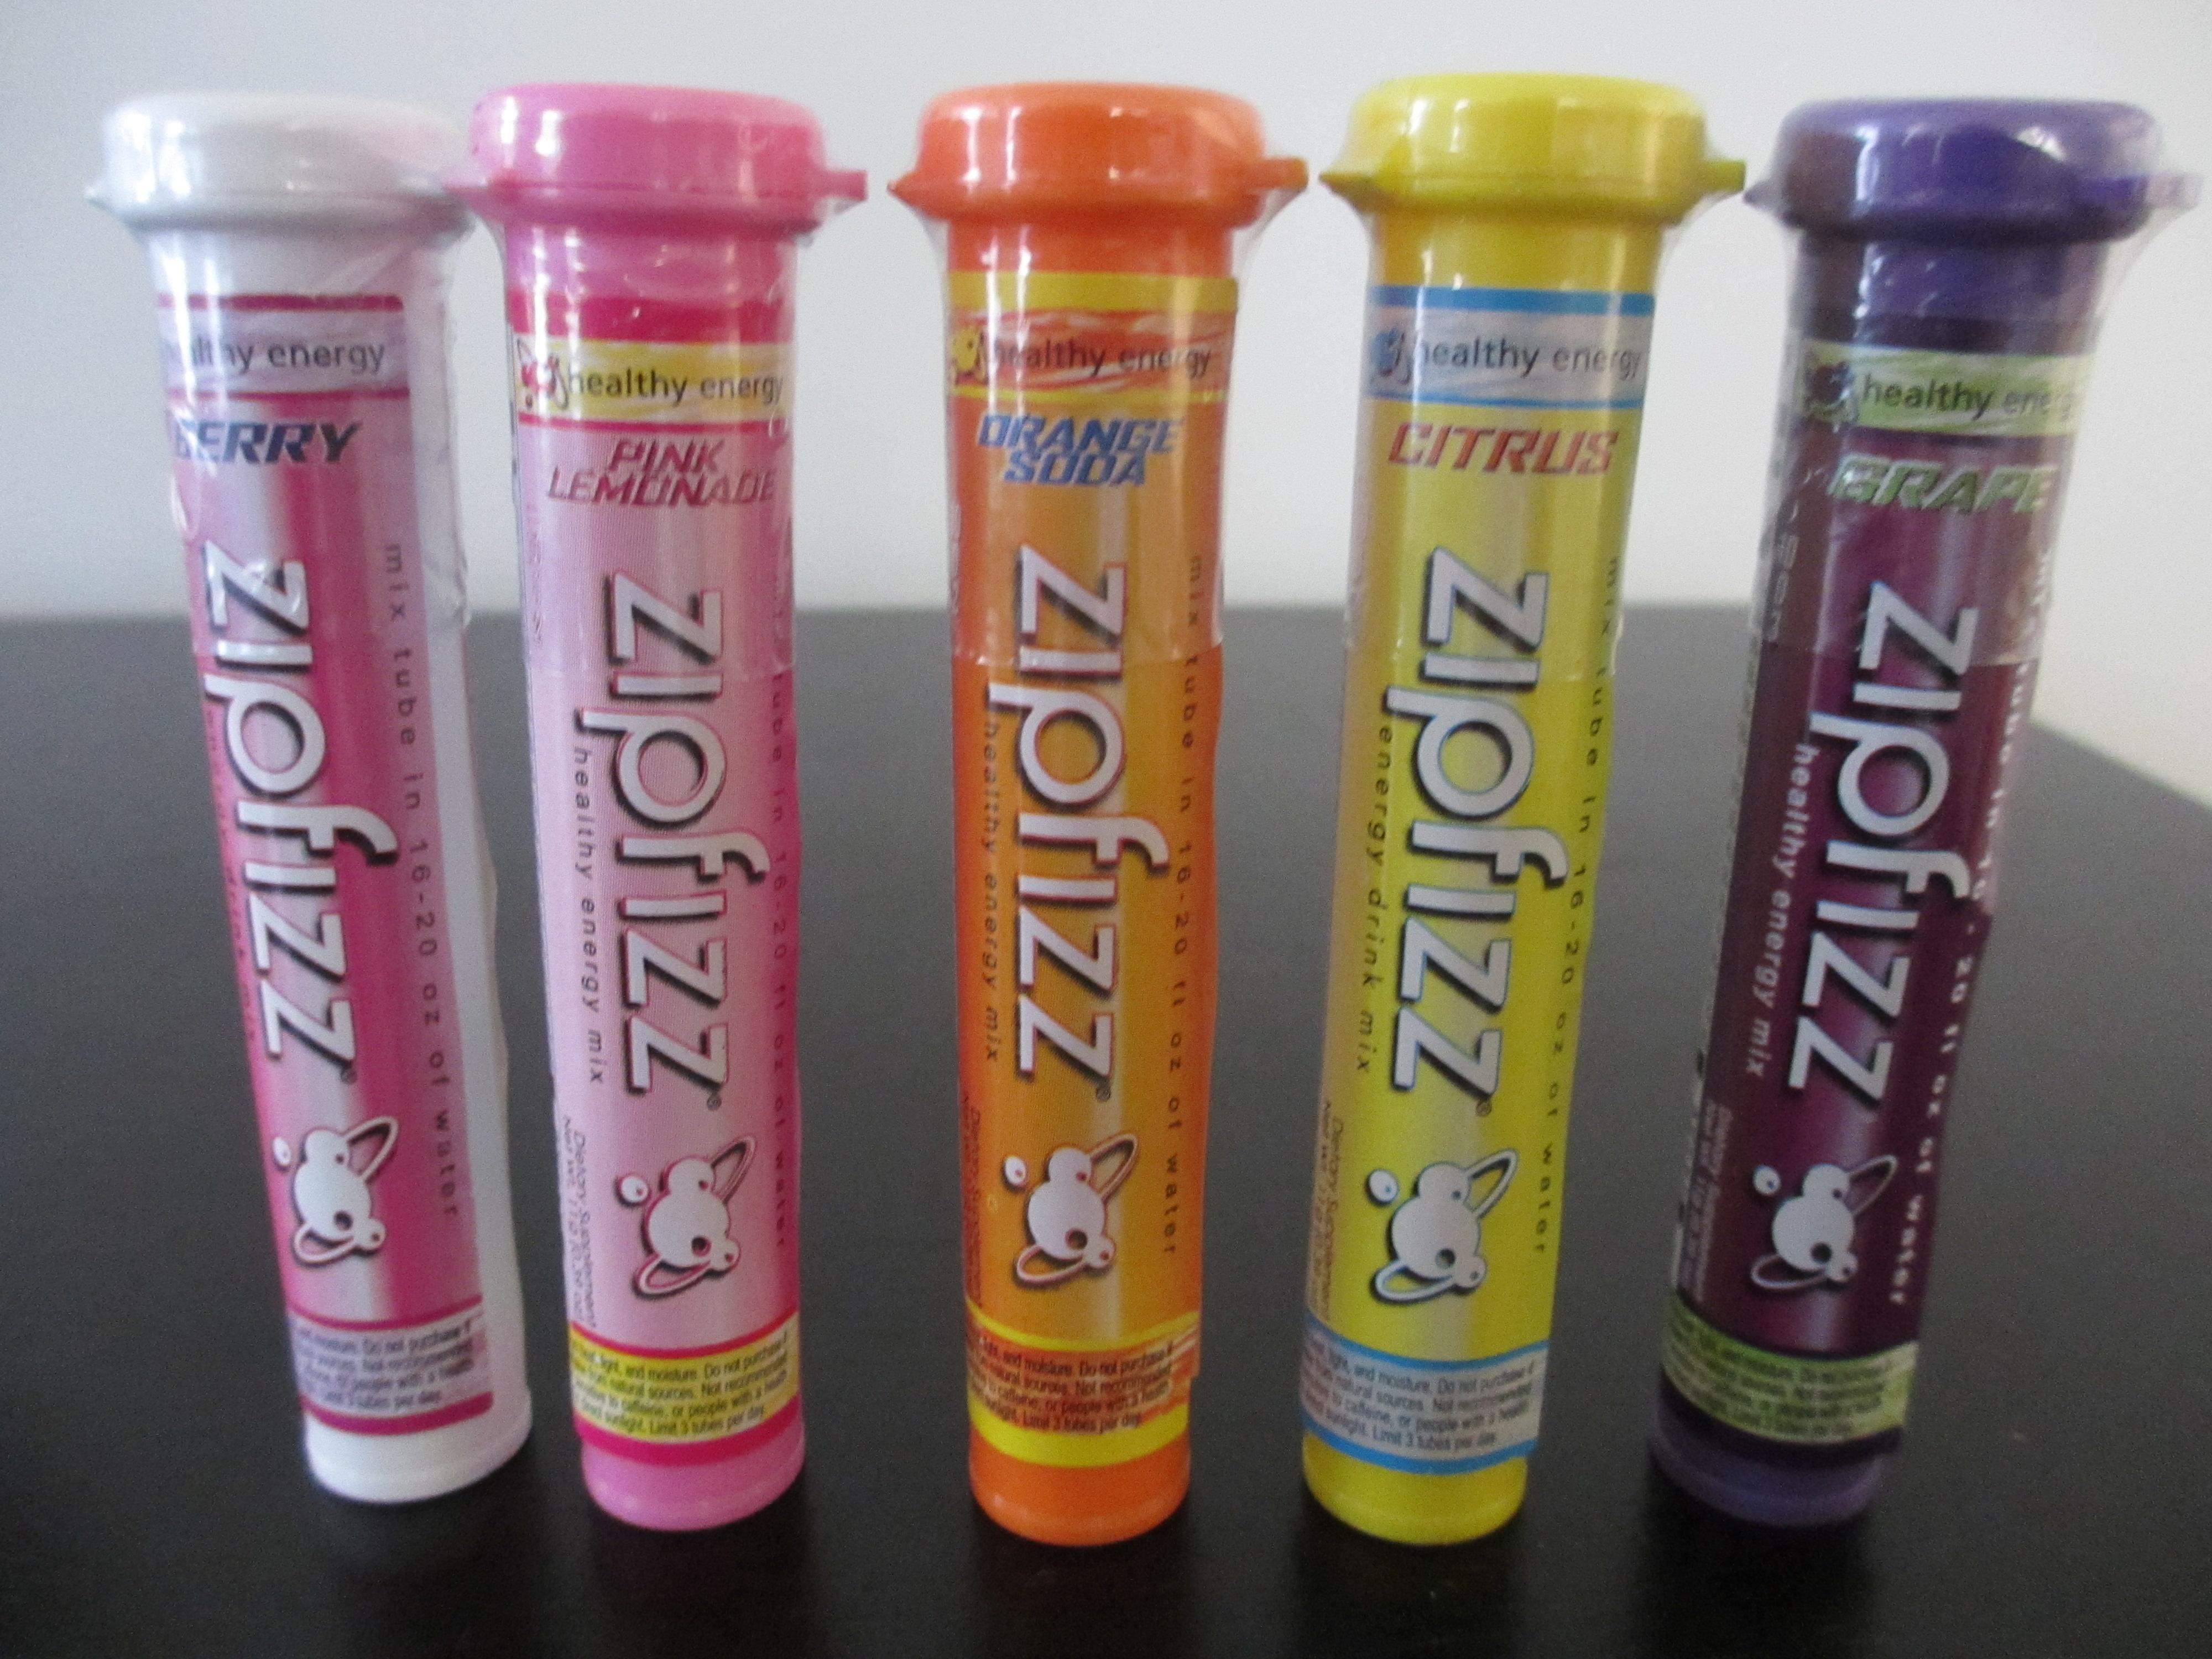 Zipfizz Healthy Energy Review + Giveaway